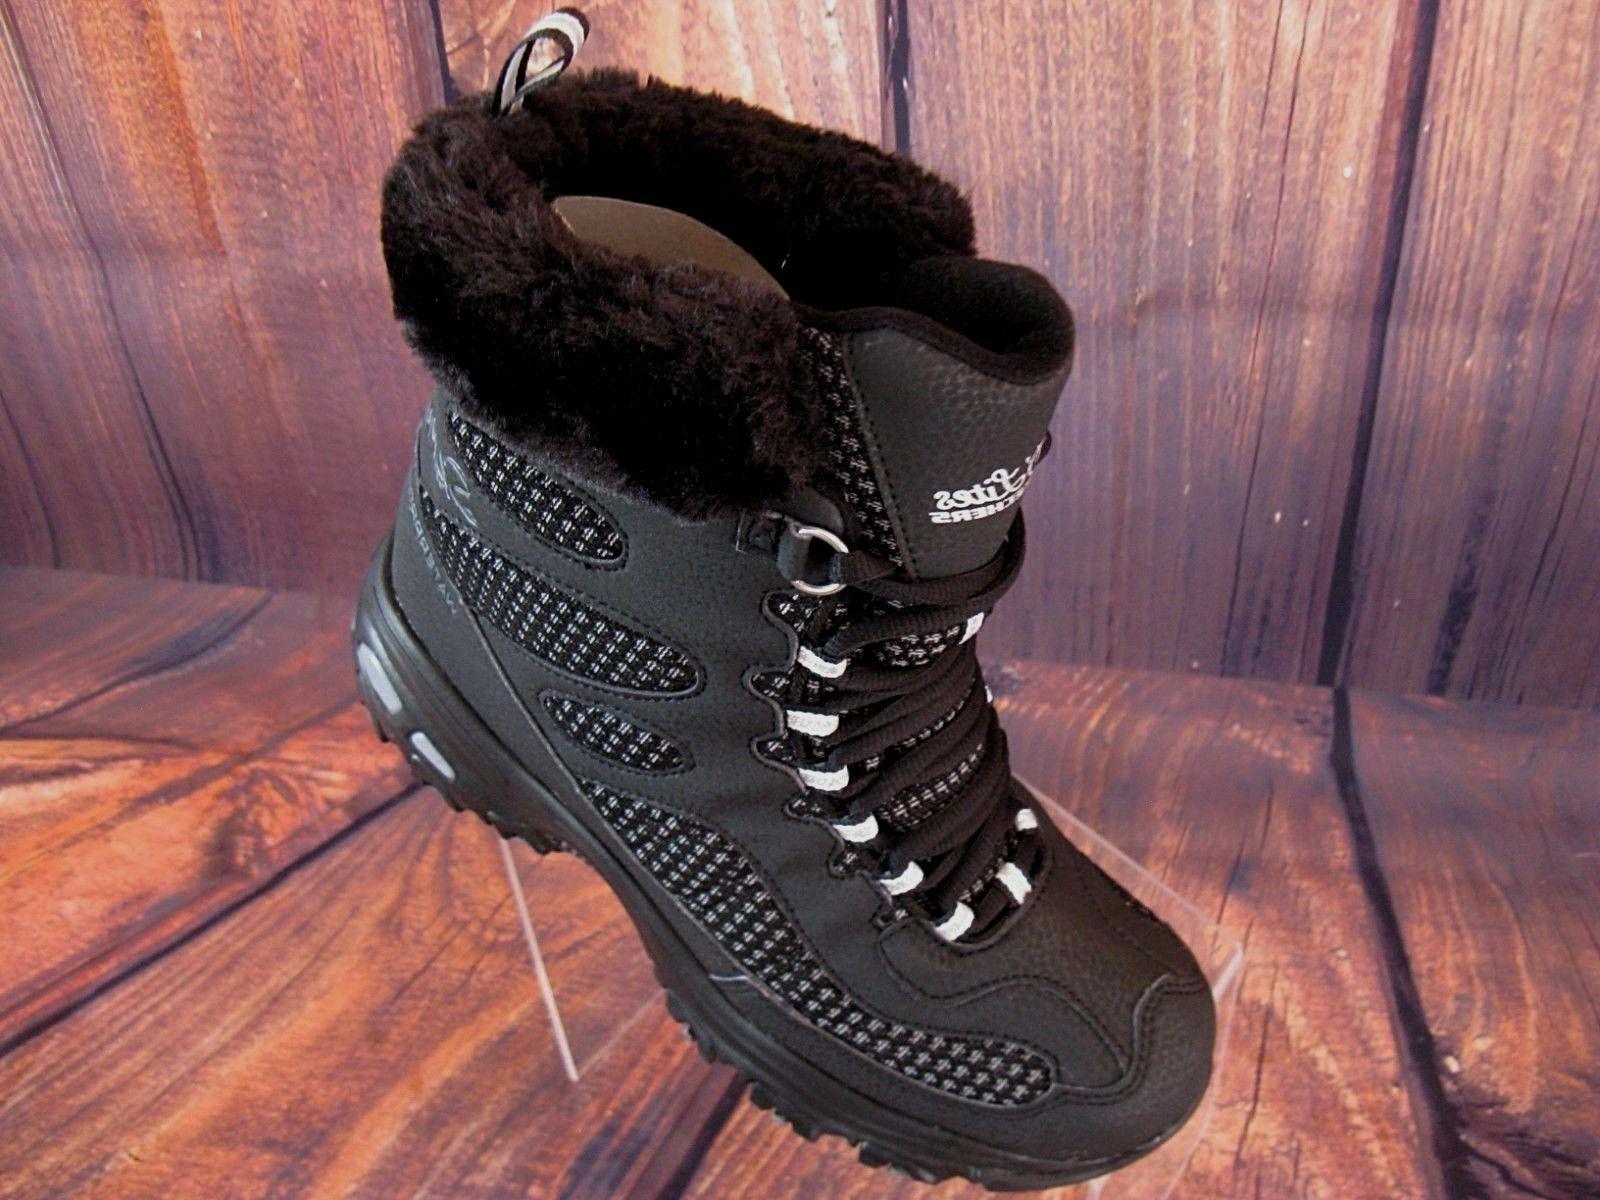 Skechers Women's Boots Waterproof D'Lites 8M